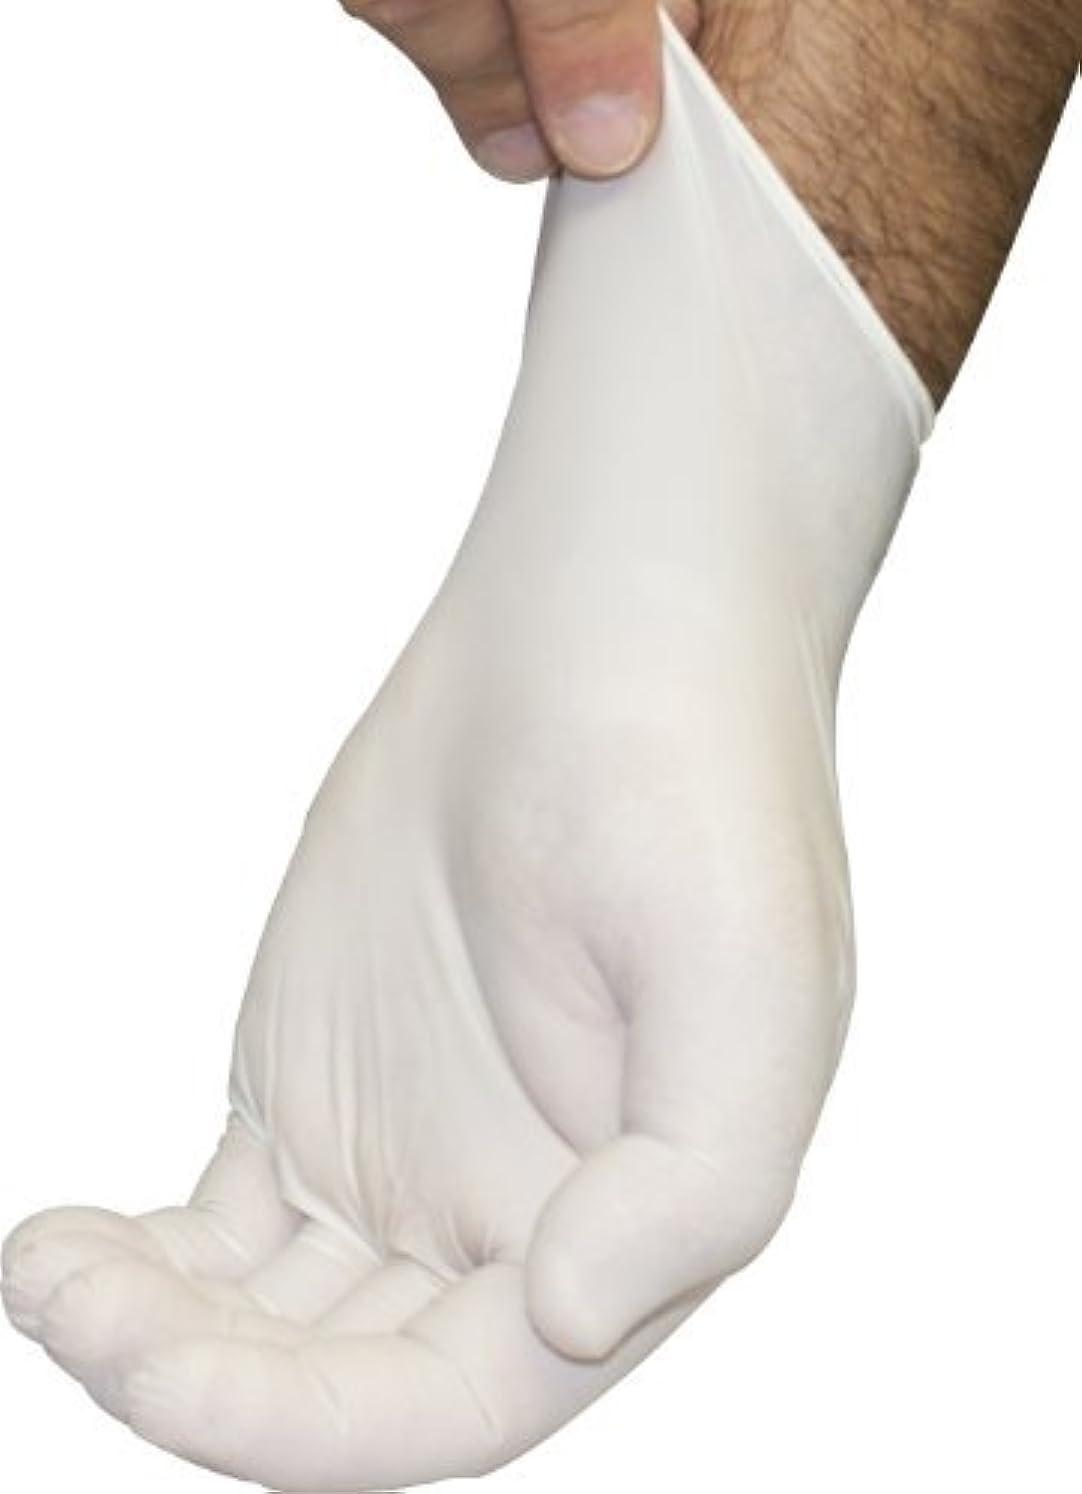 ハイキング契約する知的The Safety Zone GRPR-2X-1-T Powder Free Disposable,Latex Rubber Gloves,XX-Large,Natural (Case of 1000) [並行輸入品]